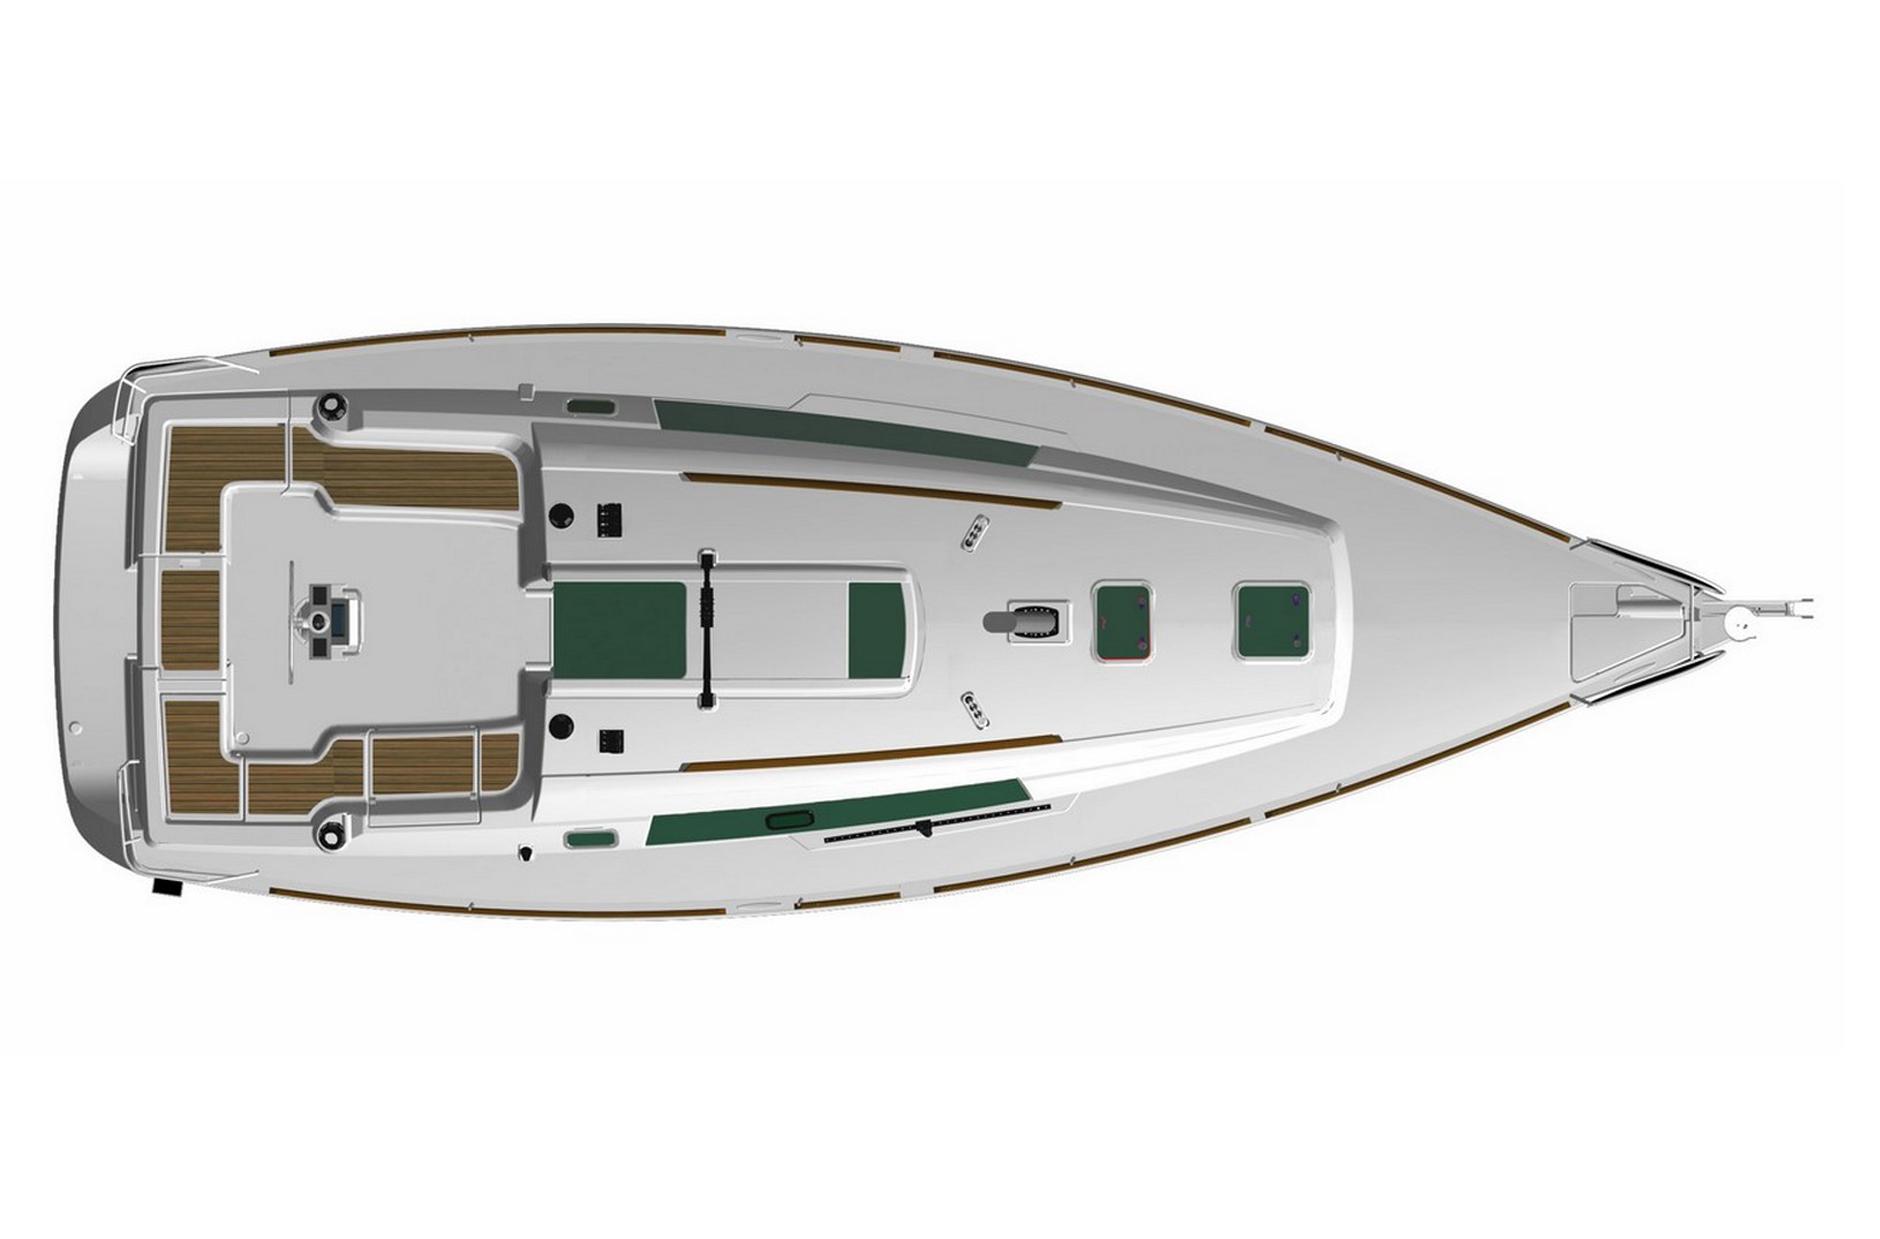 Beneteau-Oceanis-37-5